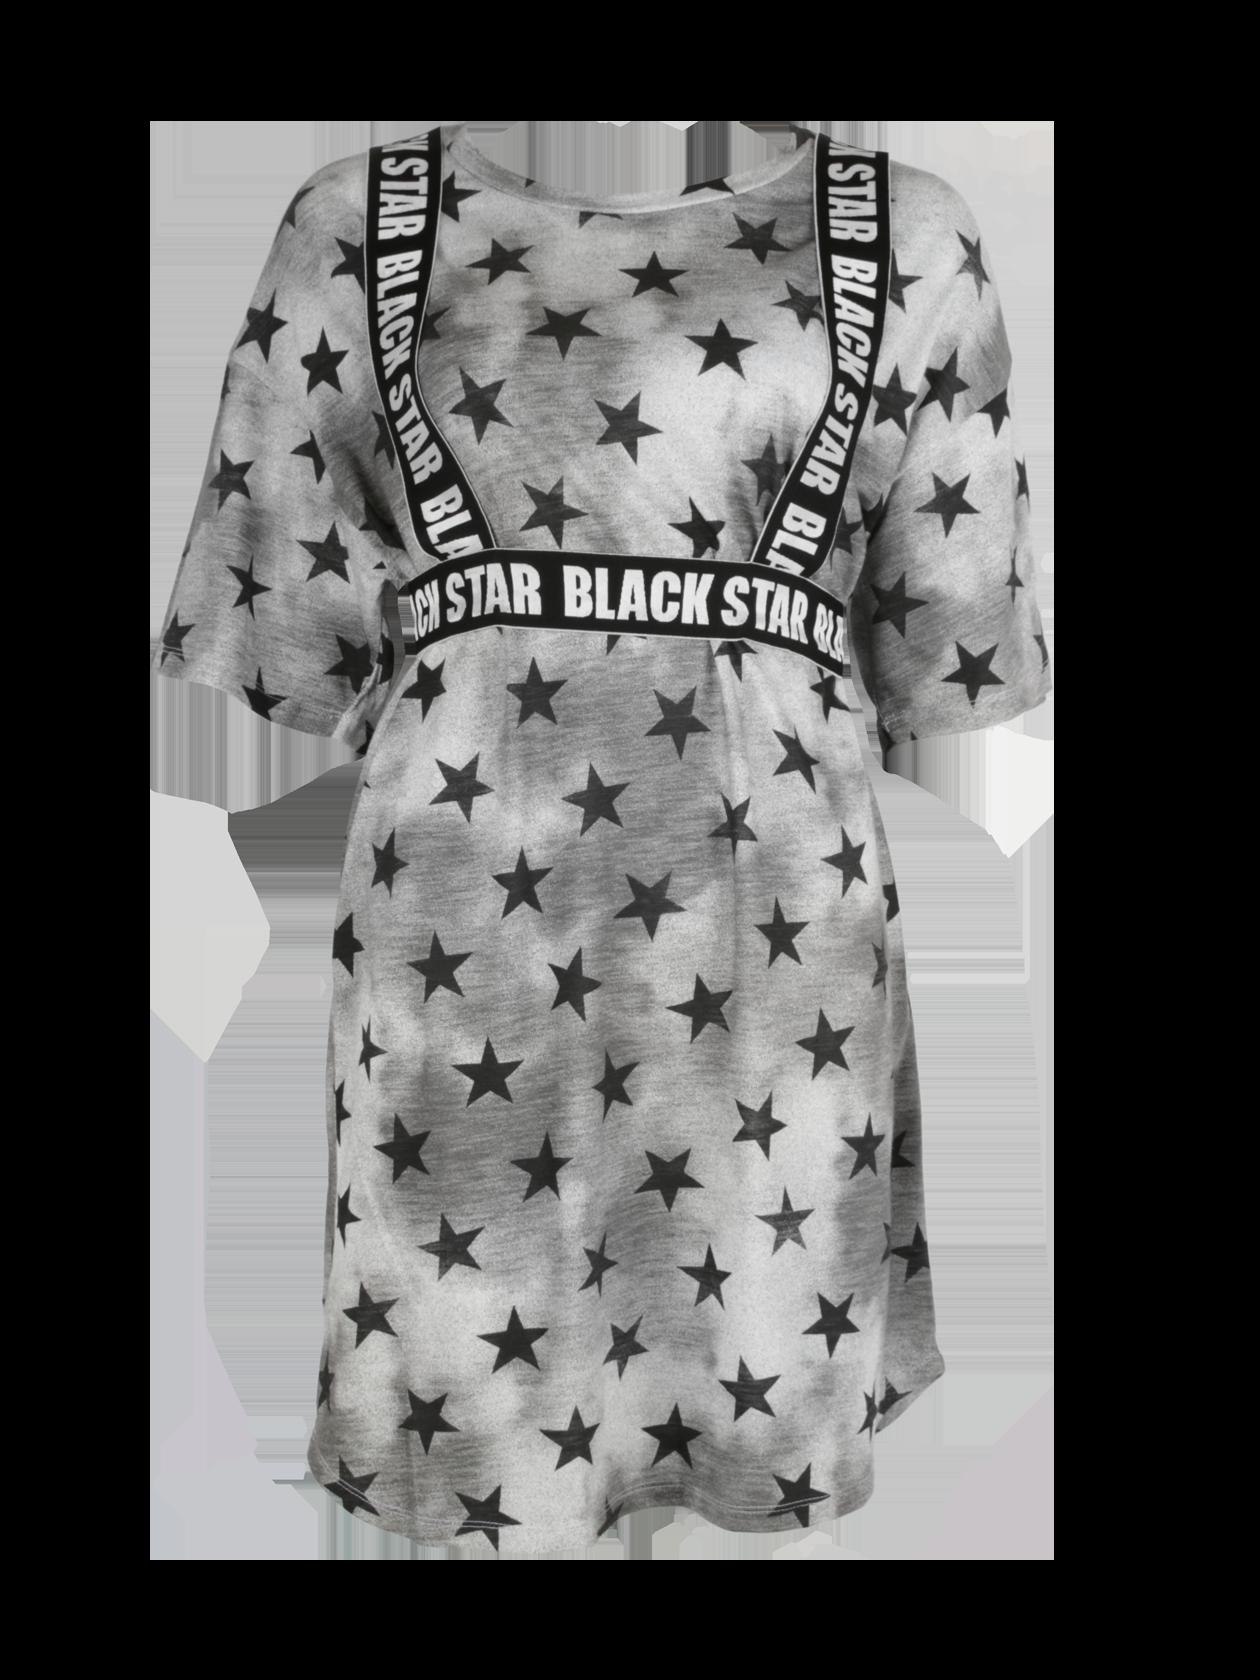 Туника женская SUPER STARТуника женская Super Star – эффектная вещь в гардеробе современной девушки. Модель свободного удлиненного кроя с опущенной линией плеча, переходящей в широкий рукав. Горловина выполнена в форме неглубокой лодочки, содержит лейбл Black Star Wear с изнаночной стороны. Изделие серого цвета с затемнениями и крупными черными звездами по всему периметру дополнено стильным ремнем с надписями Black Star, имитирующим подтяжки. Туника может использоваться в качестве самостоятельной вещи или в тандеме с леггинсами. Материал изготовления – 100% хлопок премиального качества.<br><br>Размер: XS<br>Цвет: Серый<br>Пол: Женский